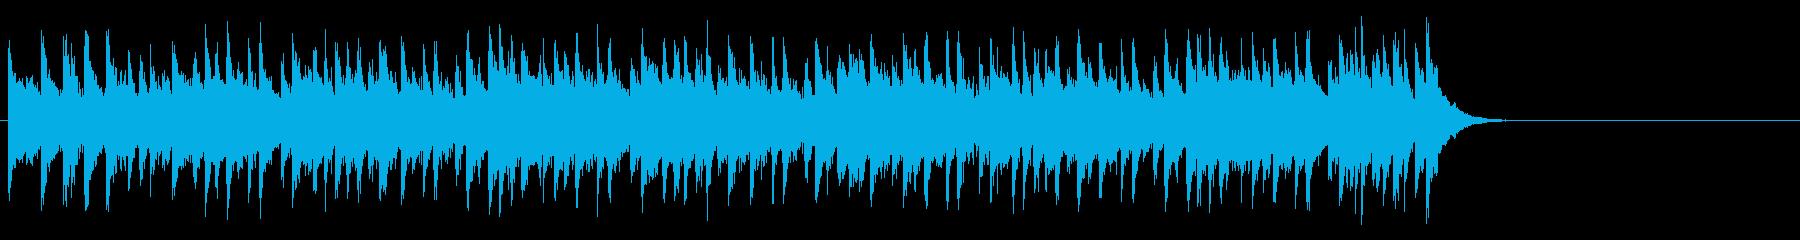 爽快なオープニング(イントロ~Aメロ)の再生済みの波形